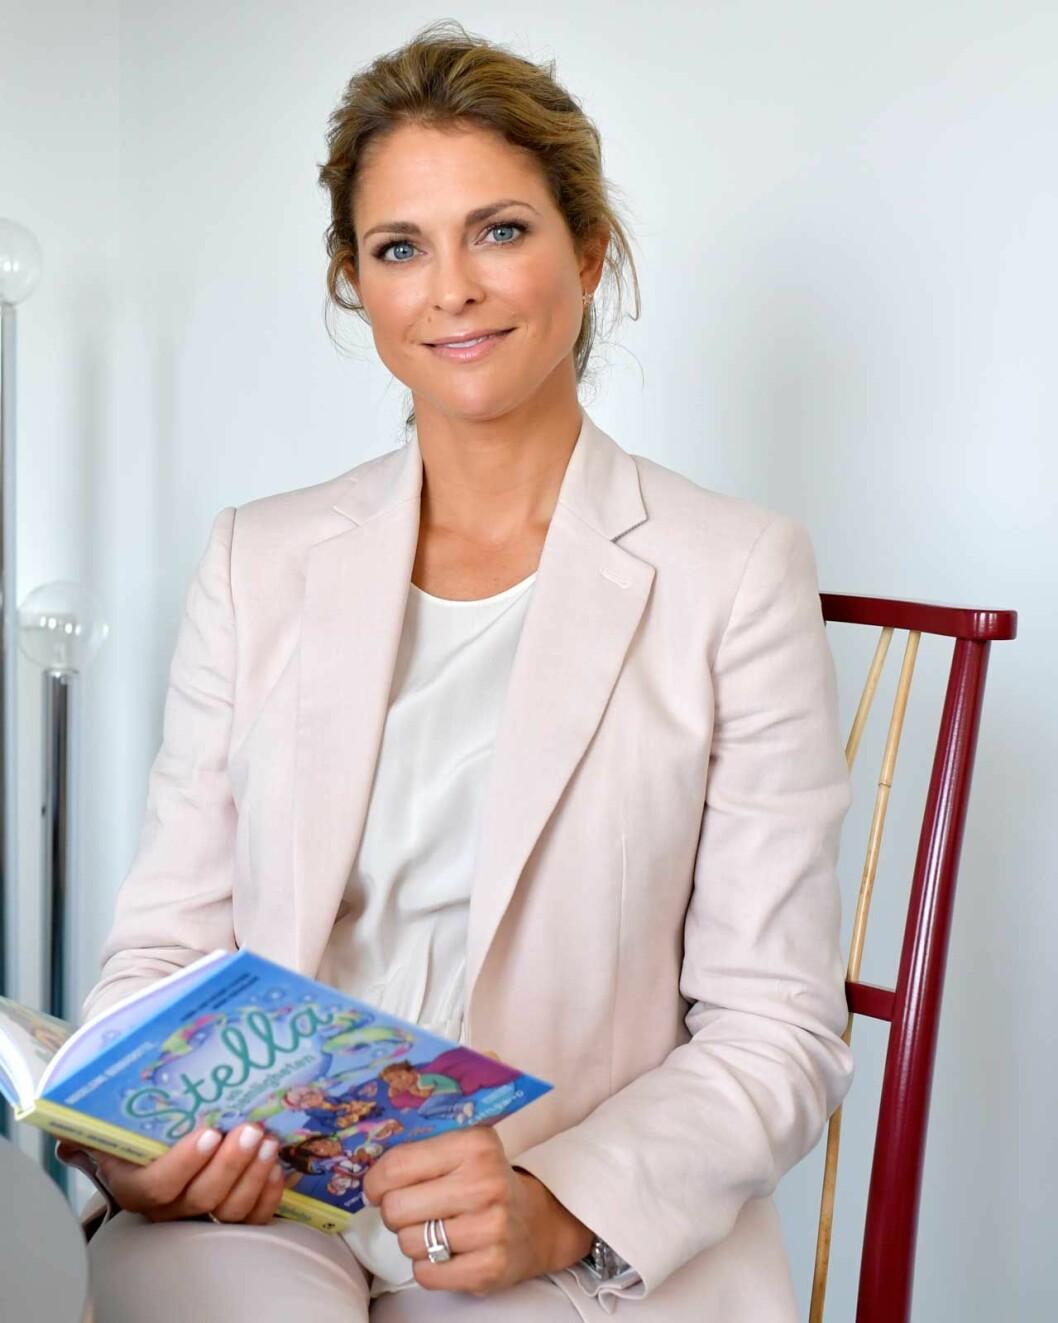 Prinsessan Madeleine kommer till Bokmässan i Göteborg fredagen den 27 september.